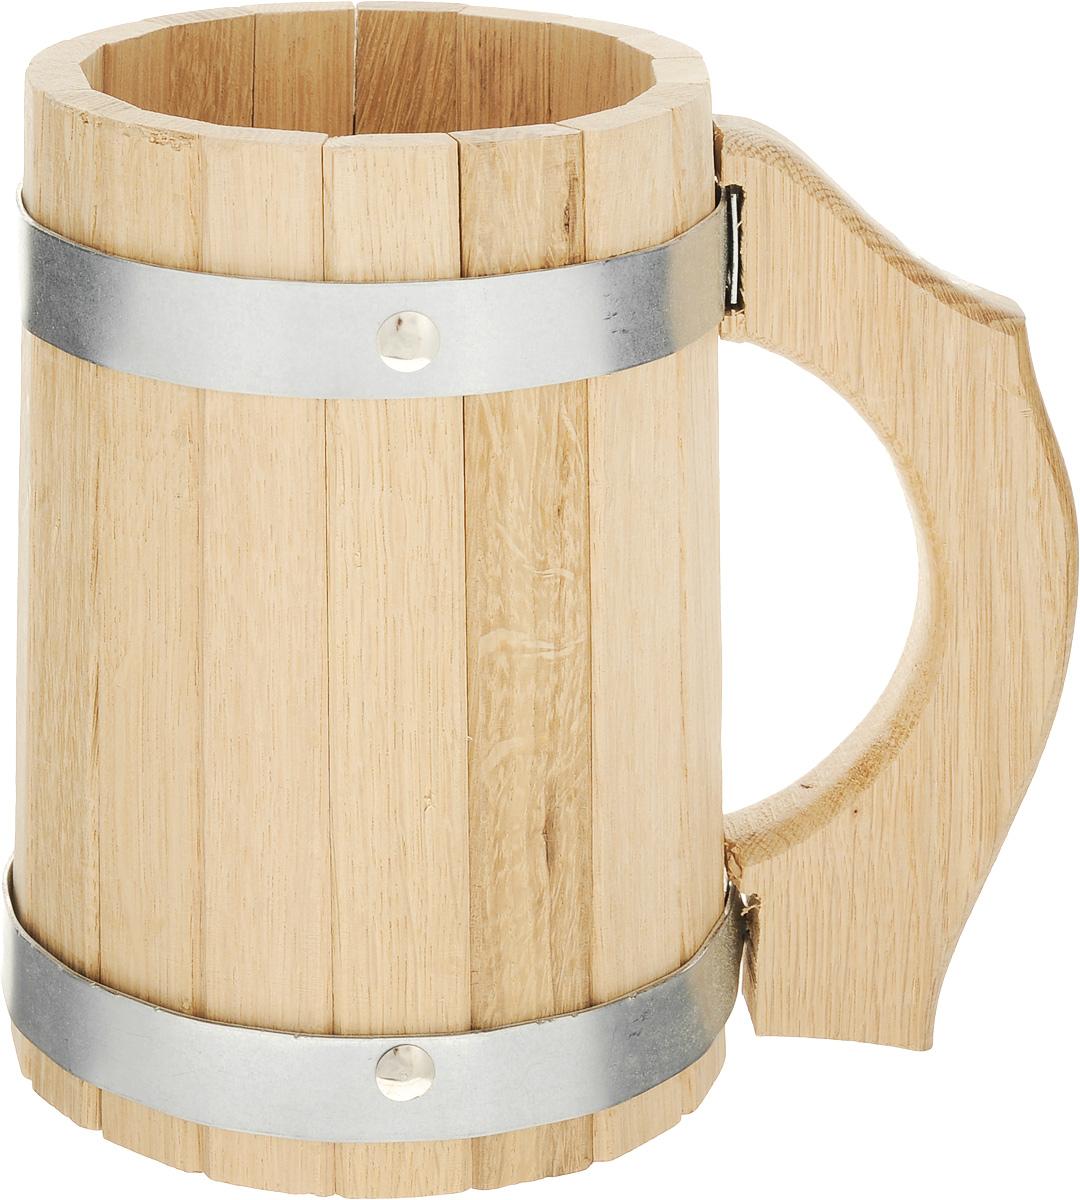 Кружка для бани и сауны Proffi Sauna, 2 лK100Кружка Proffi Sauna выполнена из натурального дуба с двумя металлическими обручами и резной ручкой. Она просто незаменима для подачи напитков, приготовления отваров из трав и ароматических масел, также подходит для декора или в качестве сувенира.Эксплуатация бондарных изделий.Перед первым использованием бондарное изделие рекомендуется подготовить. Для этого нужно наполнить изделие холодной водой и оставить наполненным на 2-3 часа. Затем необходимо воду слить, обдать изделие сначала горячей, потом холодной водой.Не рекомендуется оставлять бондарные изделия около нагревательных приборов, а также под длительным воздействием прямых солнечных лучей.С момента начала использования бондарного изделия не рекомендуется оставлять его без воды на срок более 1 недели. Но и продолжительное время хранить в таких изделиях воду тоже не следует.После каждого использования необходимо вымыть и ошпарить изделие кипятком. В качестве моющих средств желательно использовать пищевую соду либо раствор горчичного порошка.Правильное обращение с бондарными изделиями позволит надолго сохранить их эксплуатационные свойства и продлить срок использования! Объем кружки: 2 л. Диаметр по верхнему краю: 12 см. Высота стенки: 19 см. Длина ручки: 17,5 см.